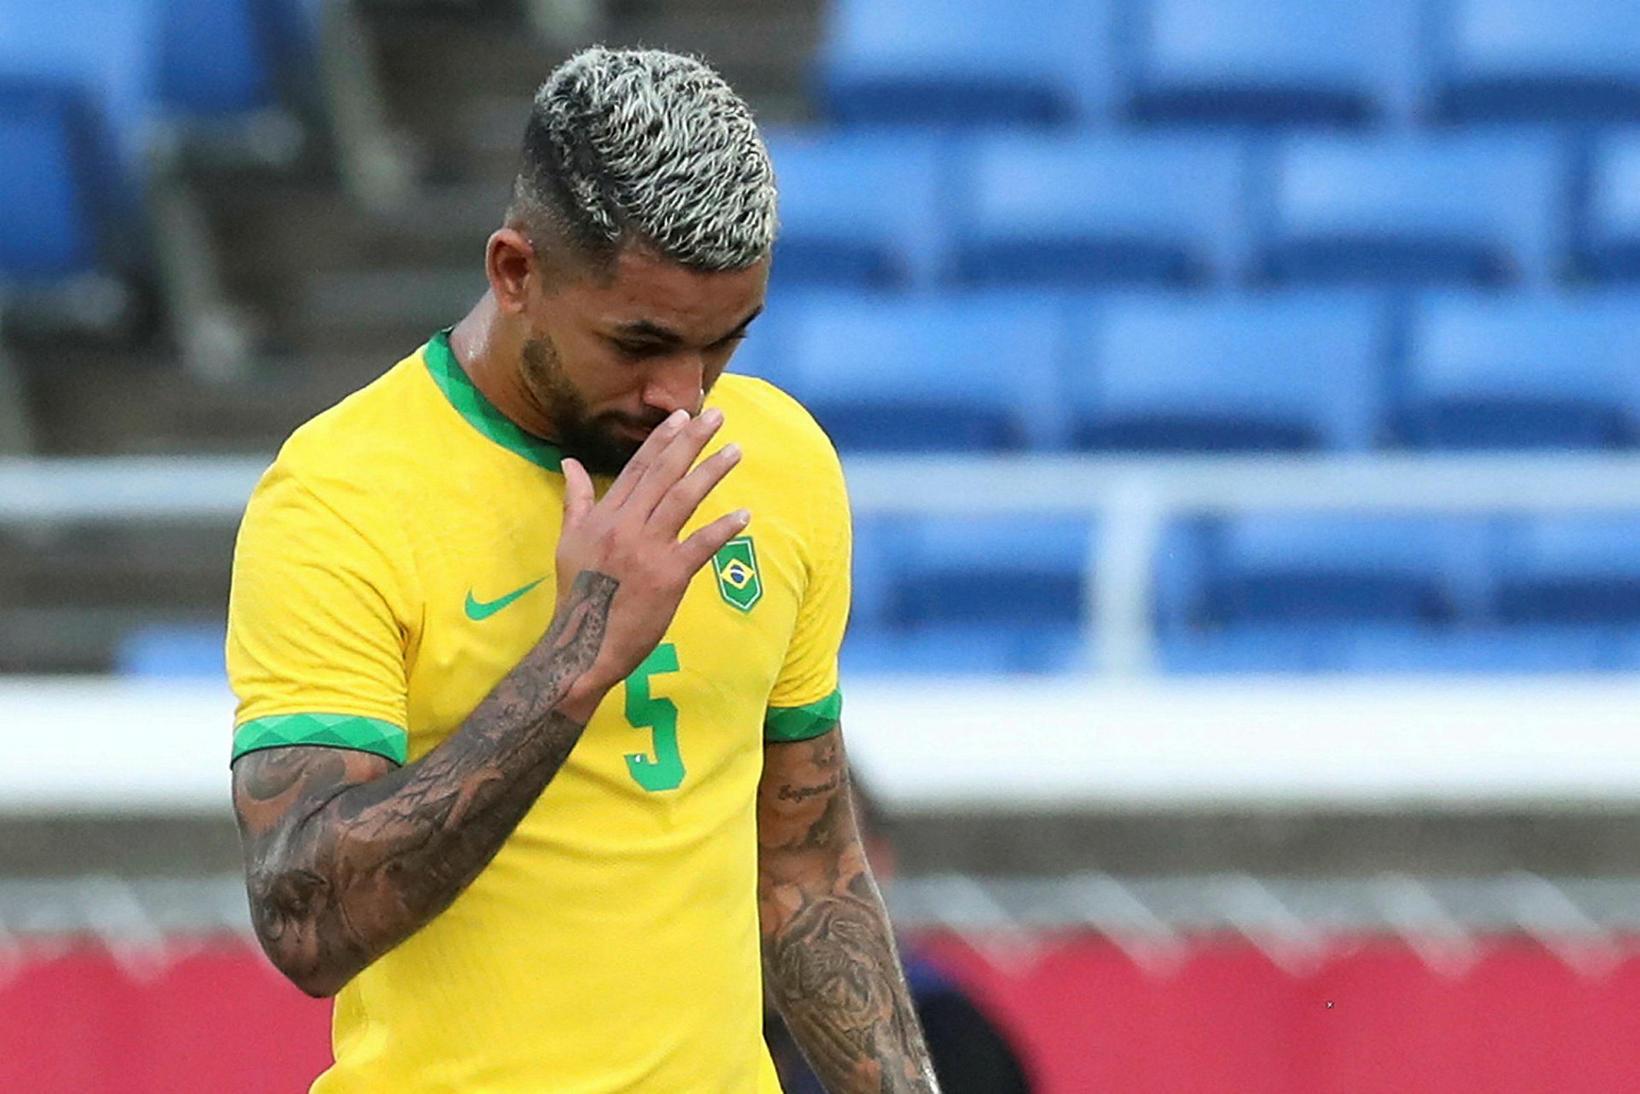 Douglas Luiz fékk rautt spjald snemma leiks.